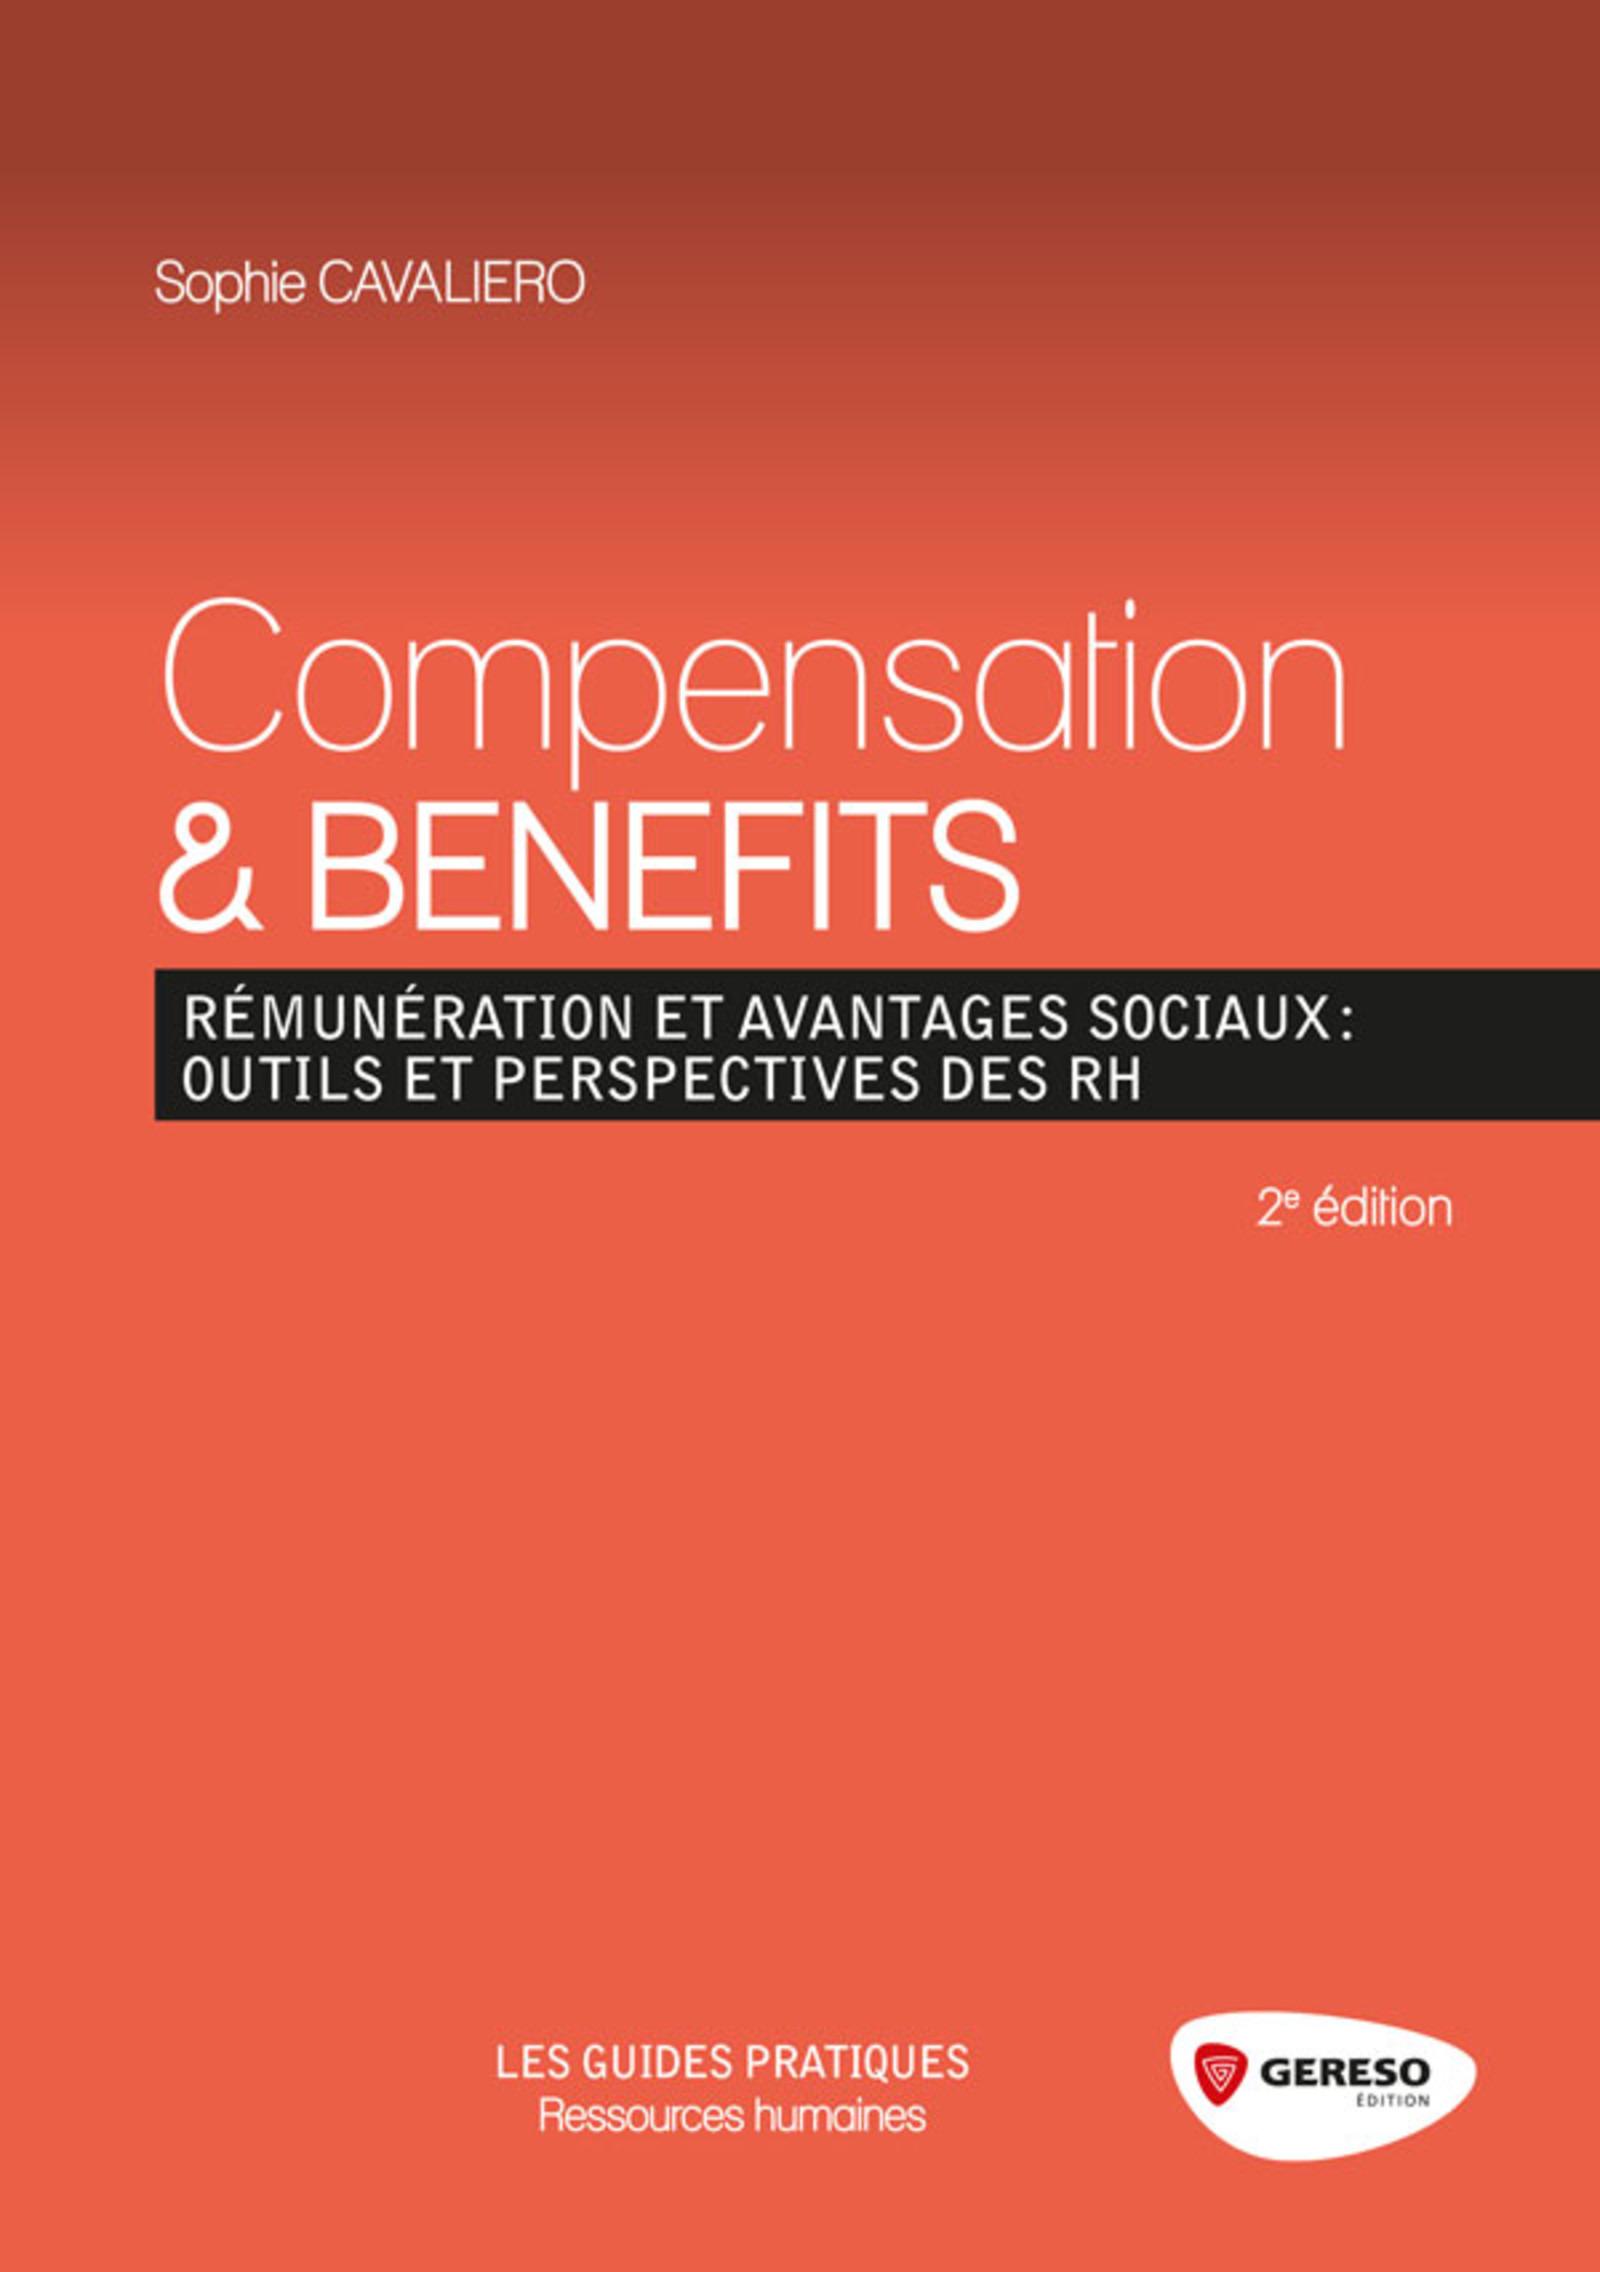 Compensation and benefits ; rémunération et avantages sociaux : outils et perspectives des RH (2e édition)